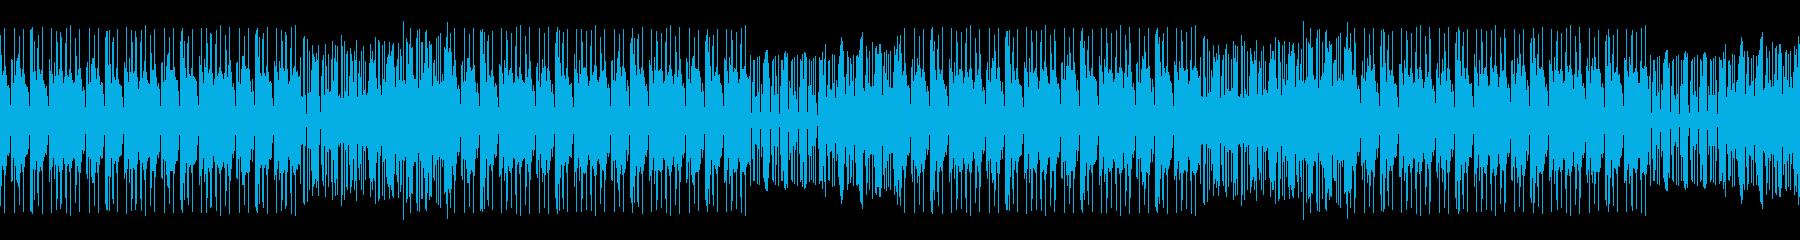 ダークな感じのトラップループの再生済みの波形